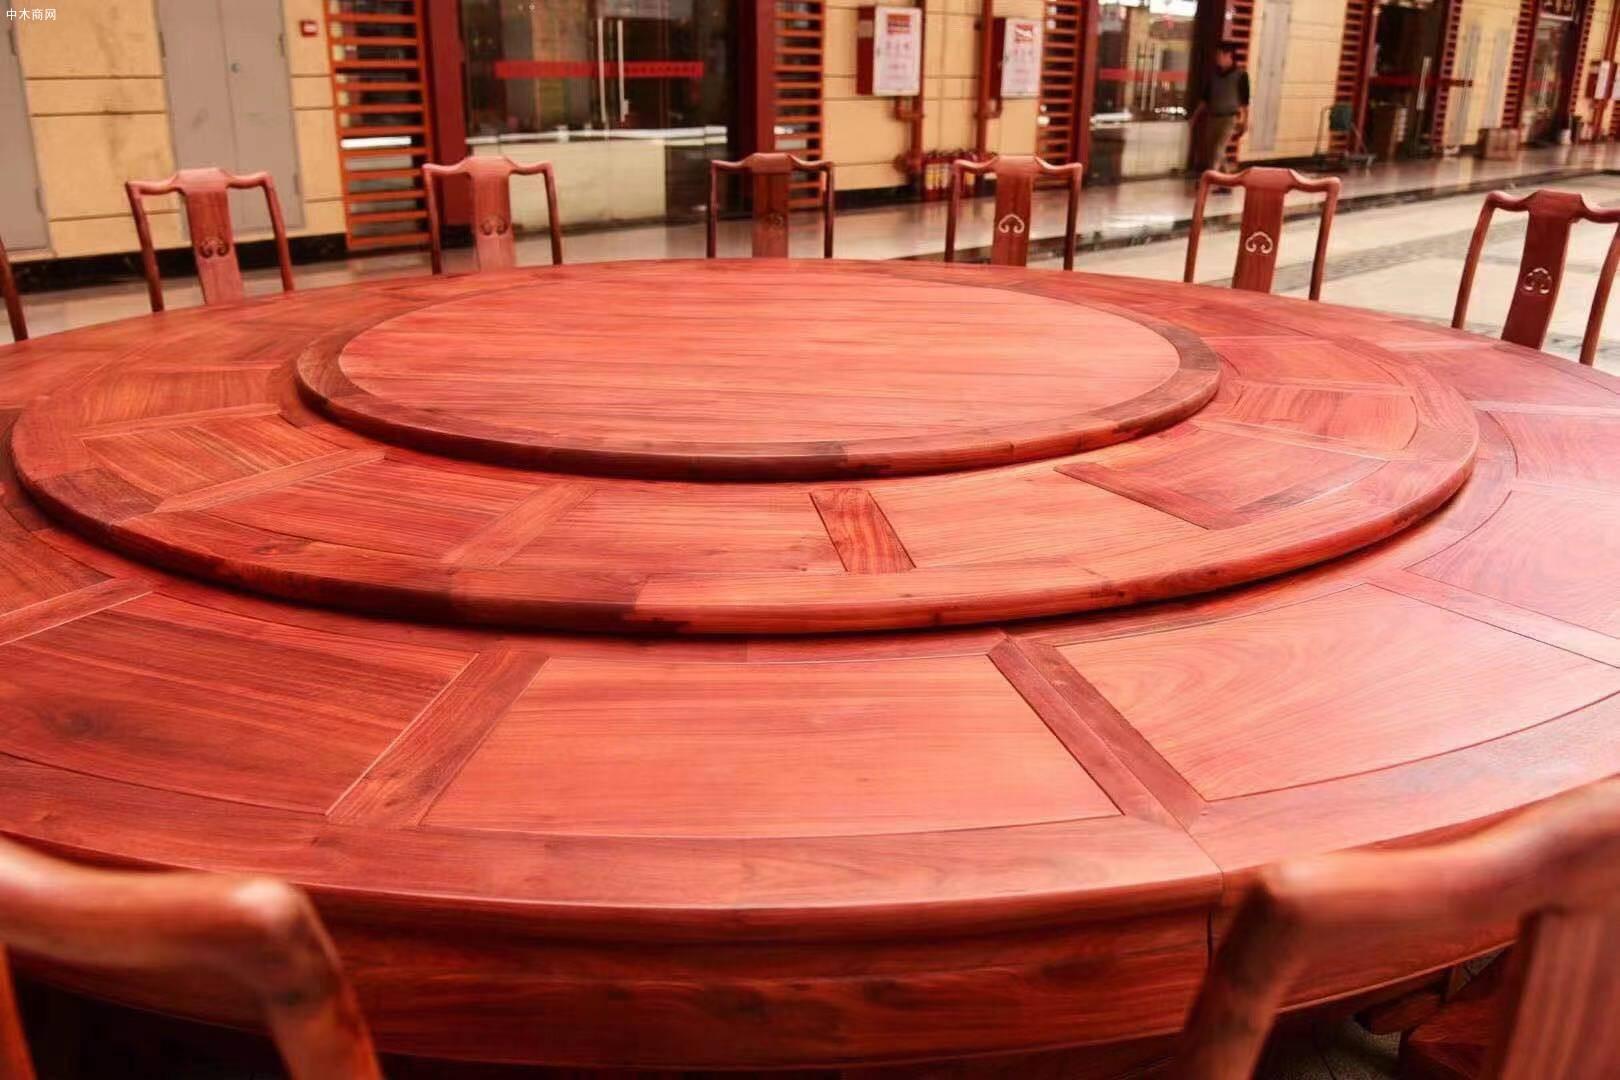 3.2米血檀圆餐桌21件套高清图片